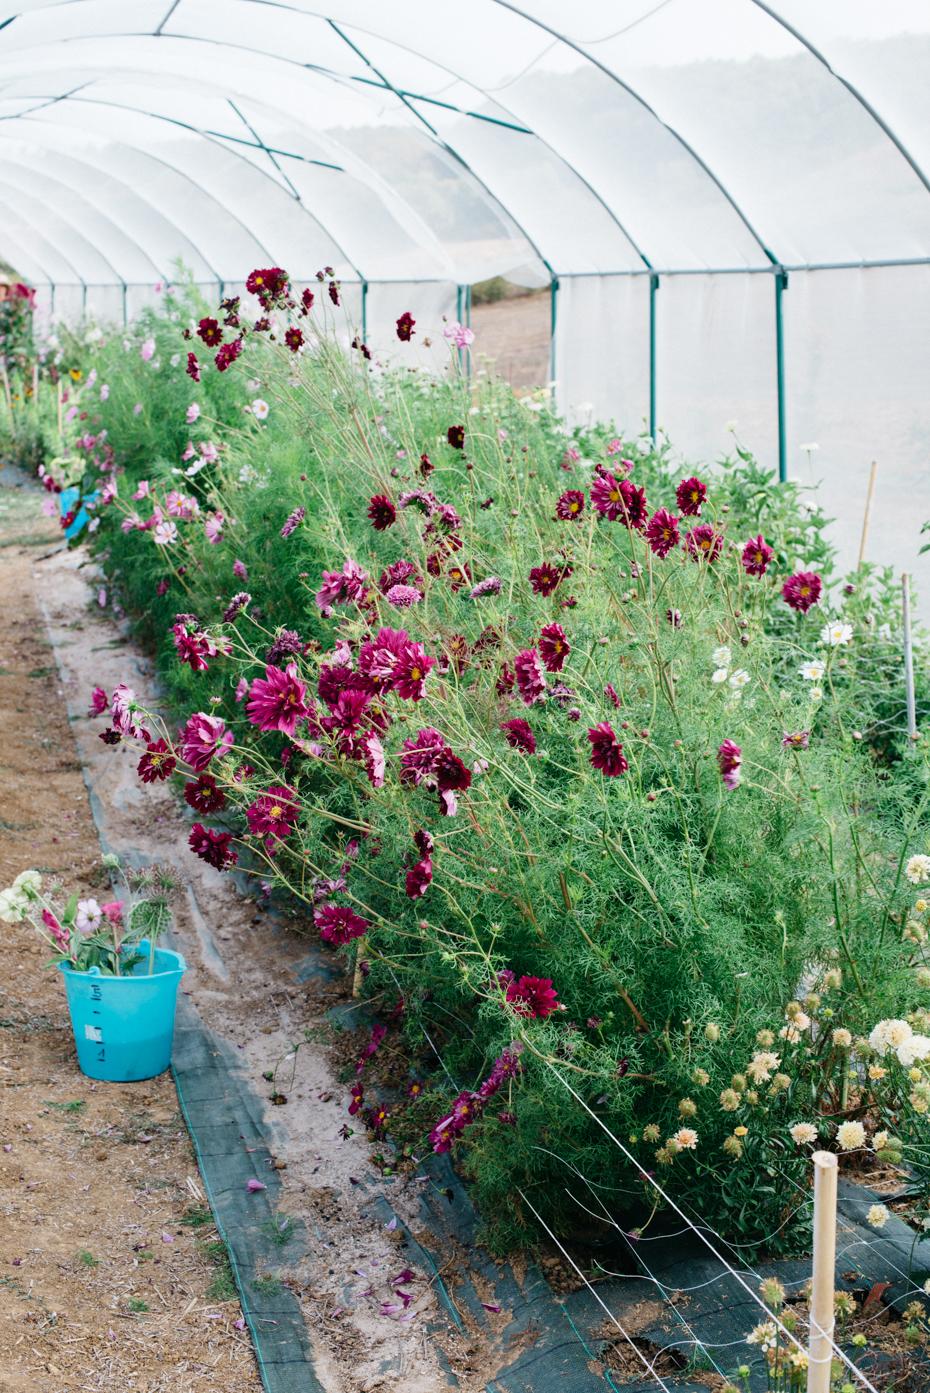 Ispirate alla natura e al susseguirsi delle stagioni le sorelle hanno iniziato raccogliendo i semi dei fiori selvatici presenti nella zona.